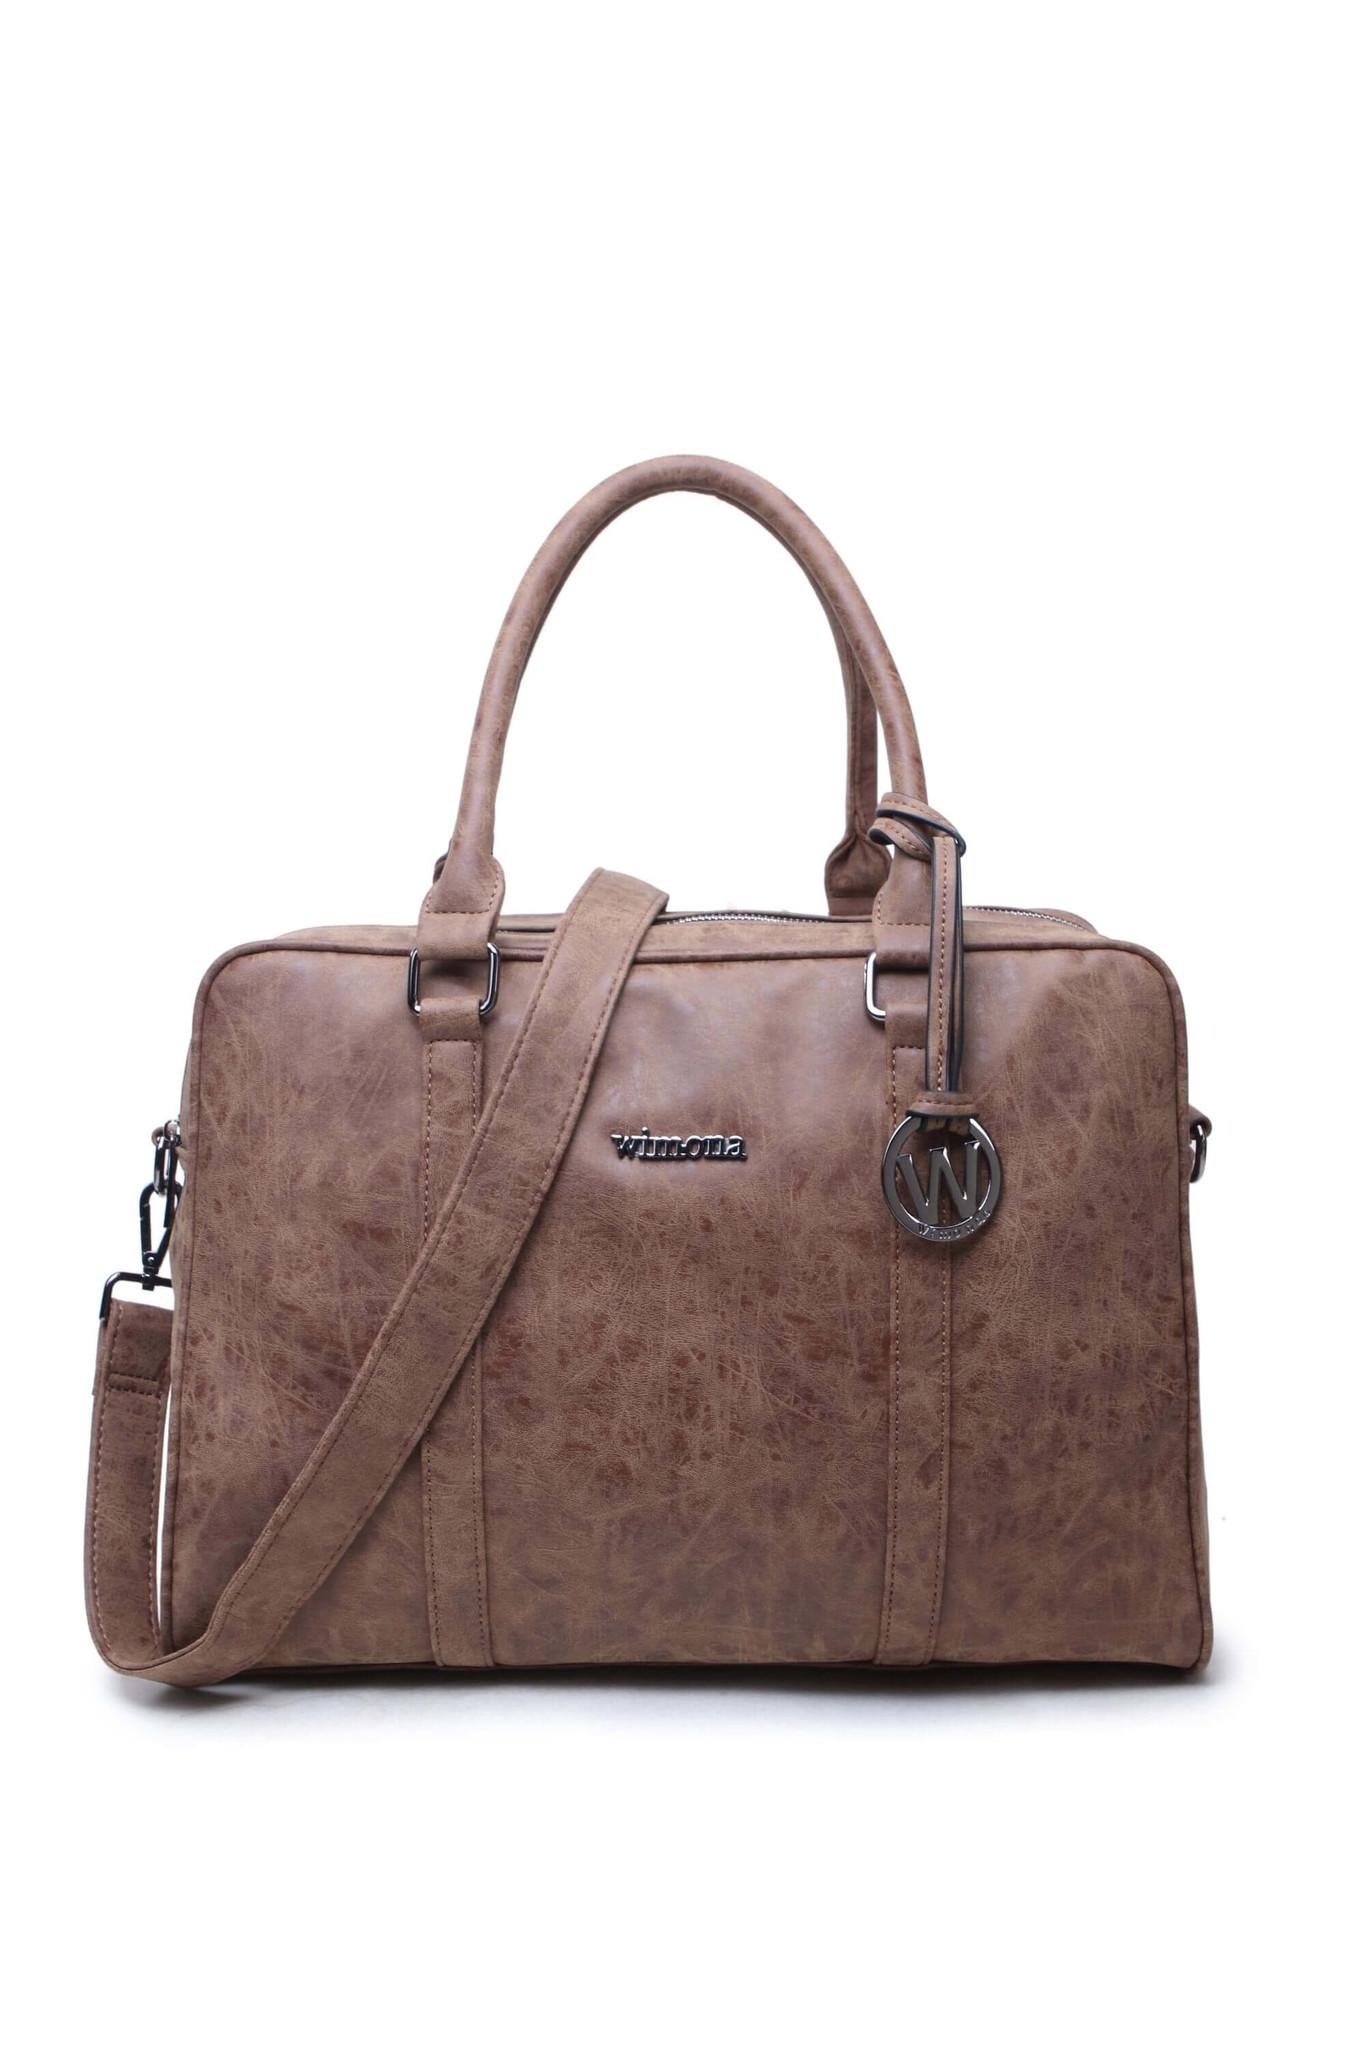 Wimona Luciana Dames laptoptas 15,6 inch Cognac